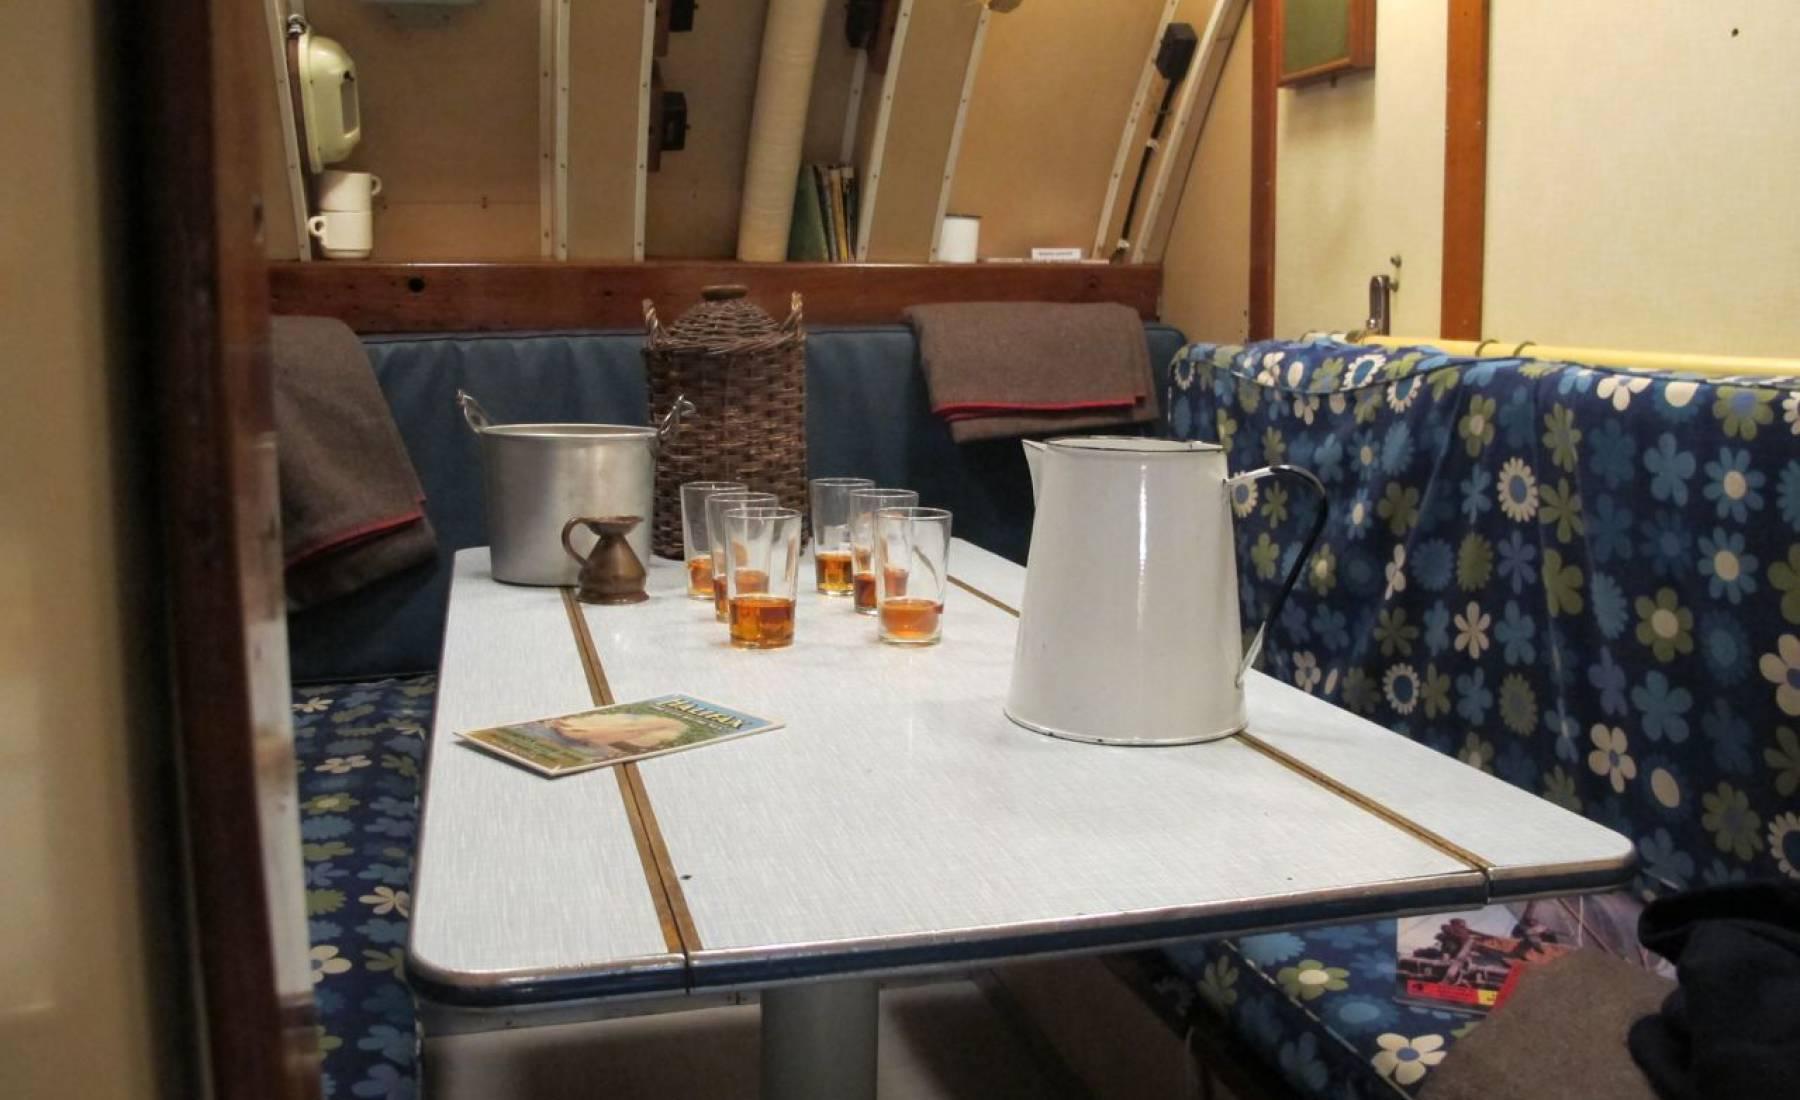 whisky, golden resin, glasses, tot, captain, submarine HMS Alliance, fake food